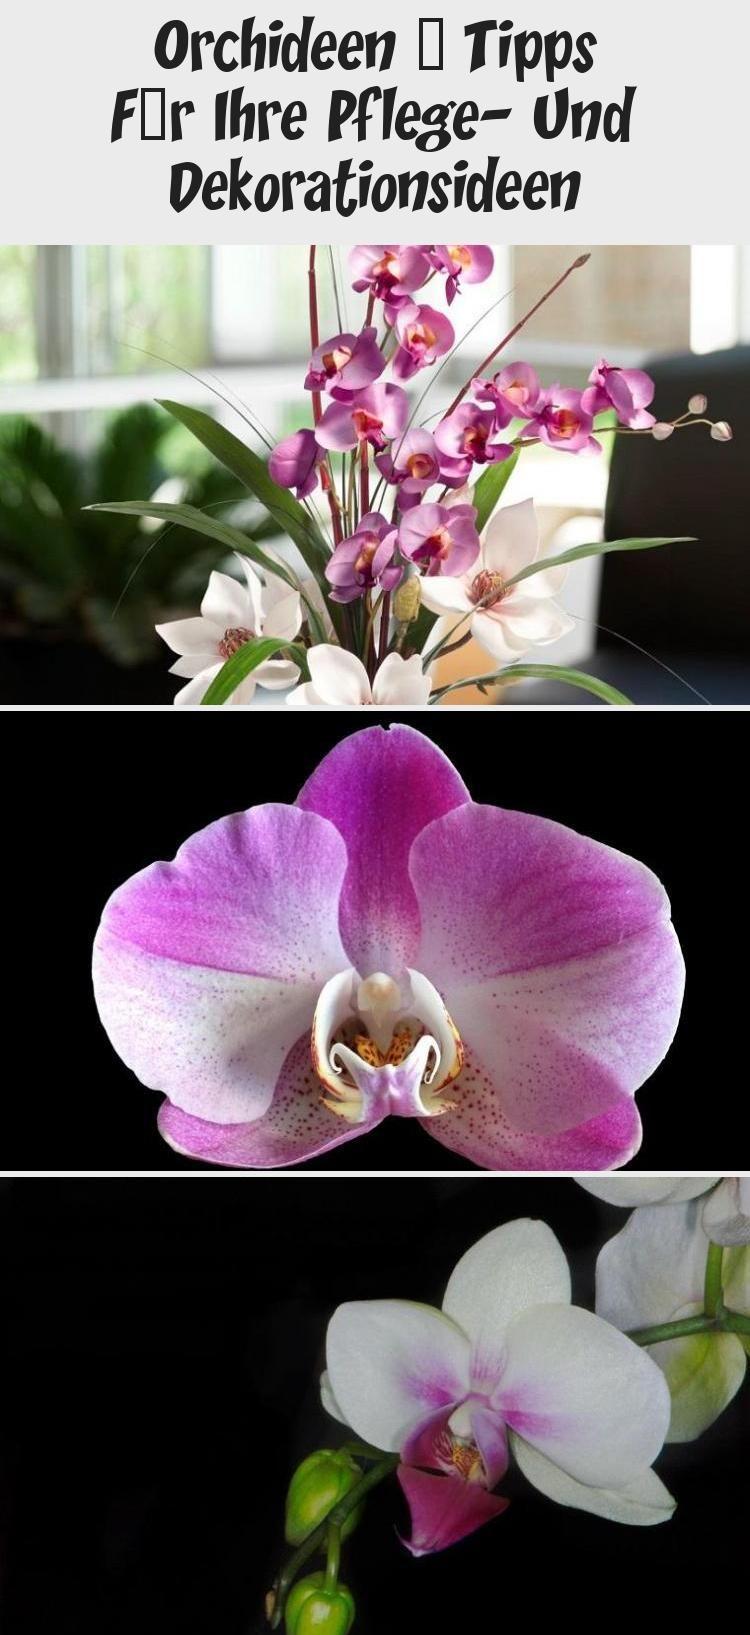 Orchideen - Tipps für Ihre Pflege- und Dekorationsideen #orchideenpflege